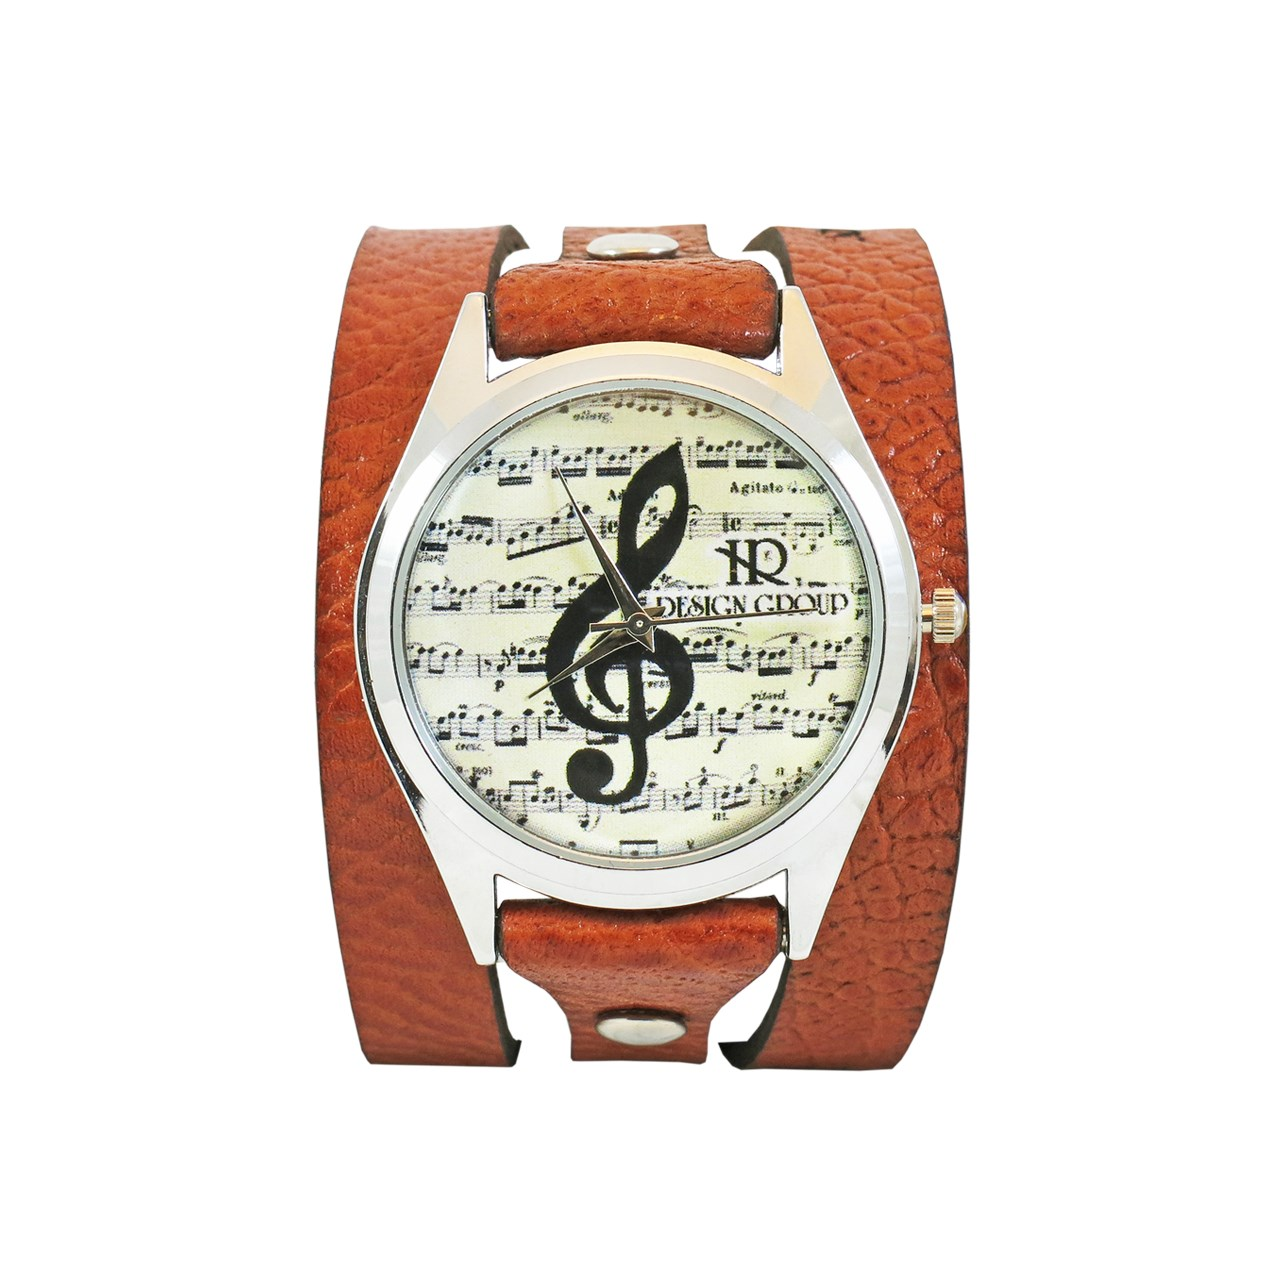 ساعت دست ساز اچ آر دیزاین گروپ مدل 012